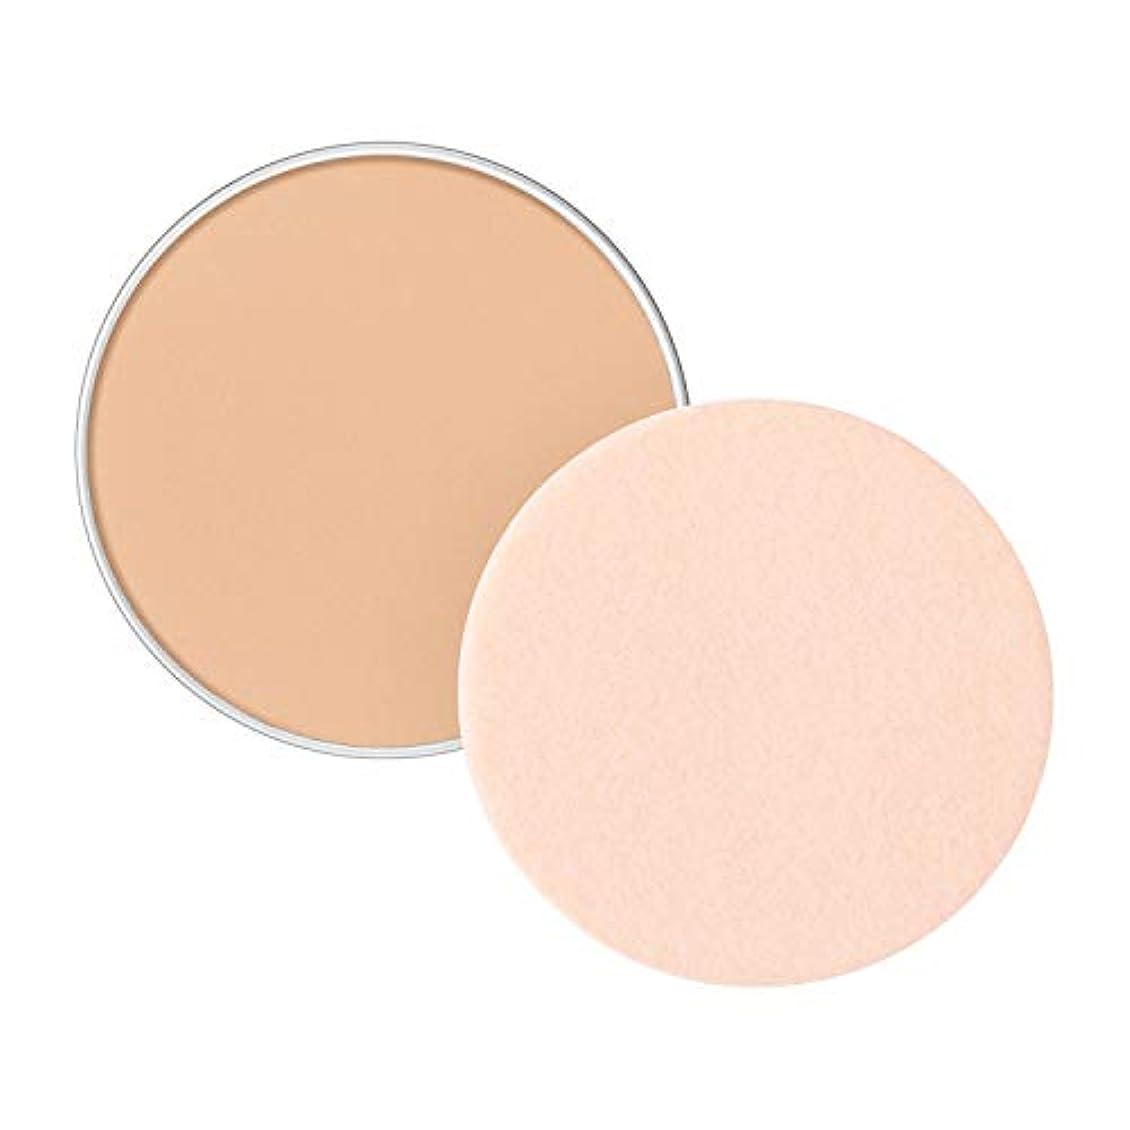 叙情的な優勢入浴インテグレート グレイシィ エッセンスパウダー BB 1 (レフィル) 明るめ~自然な肌色 (SPF22?PA++) 7.5g